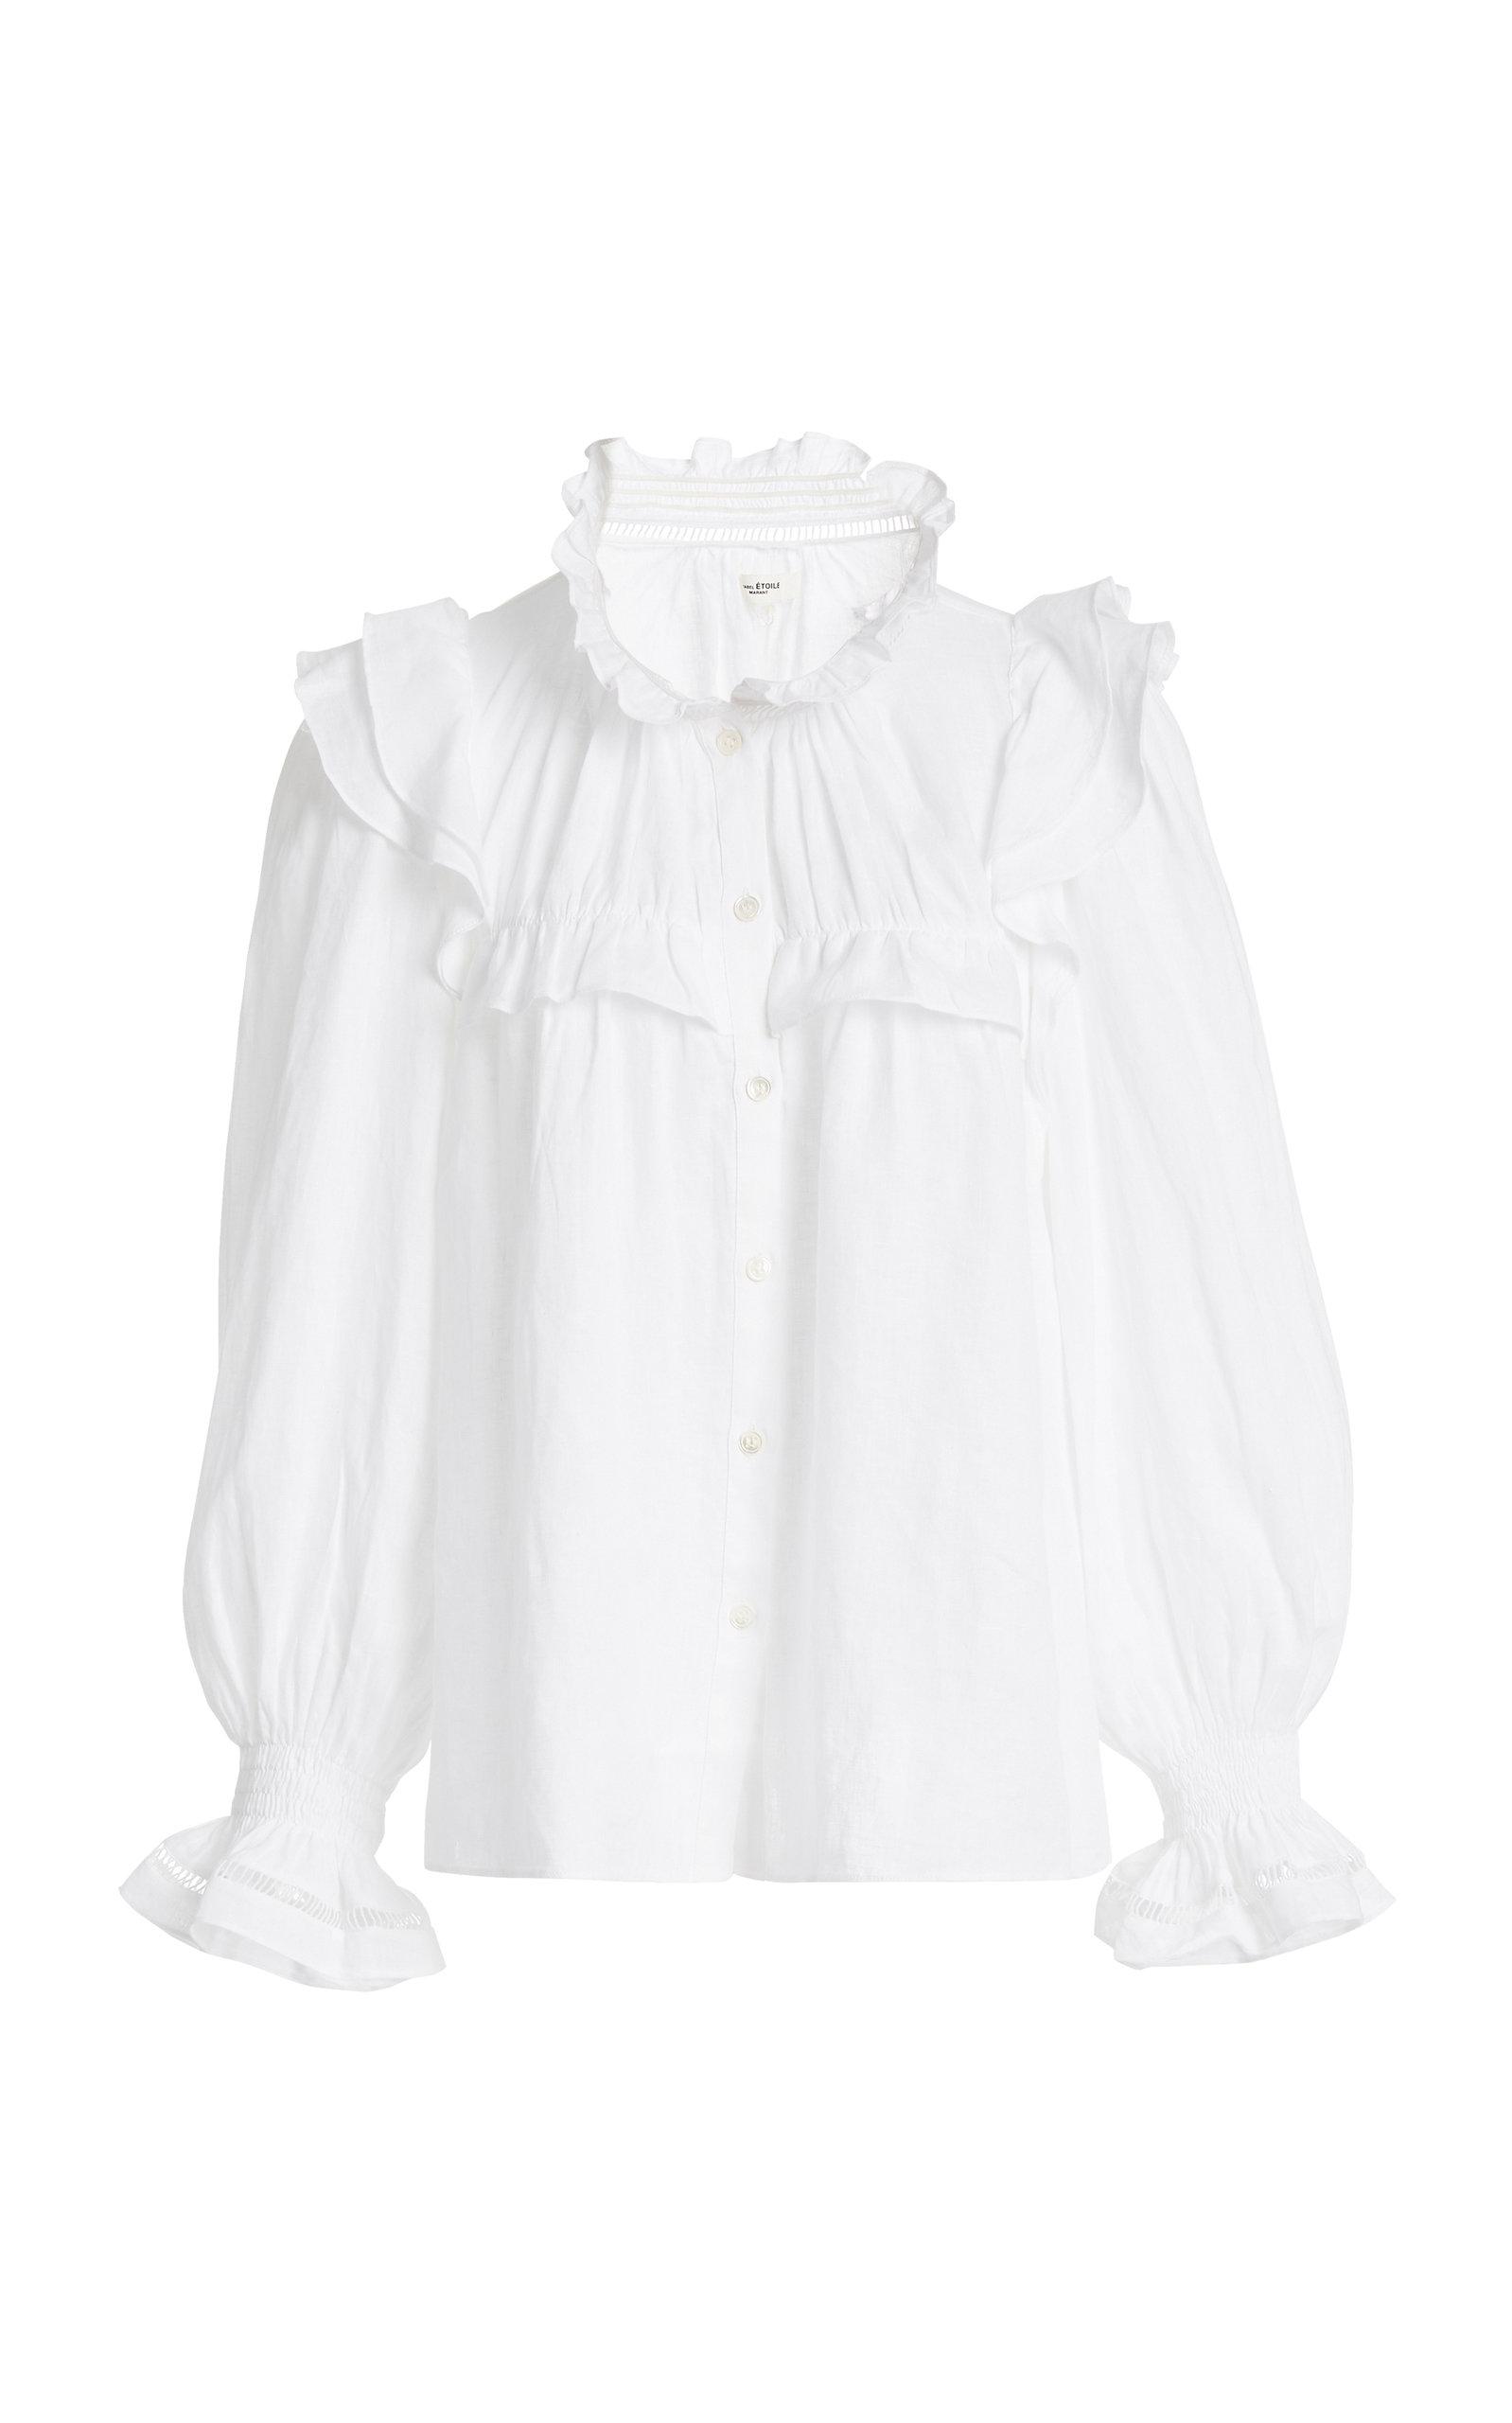 Hvite bluser 1